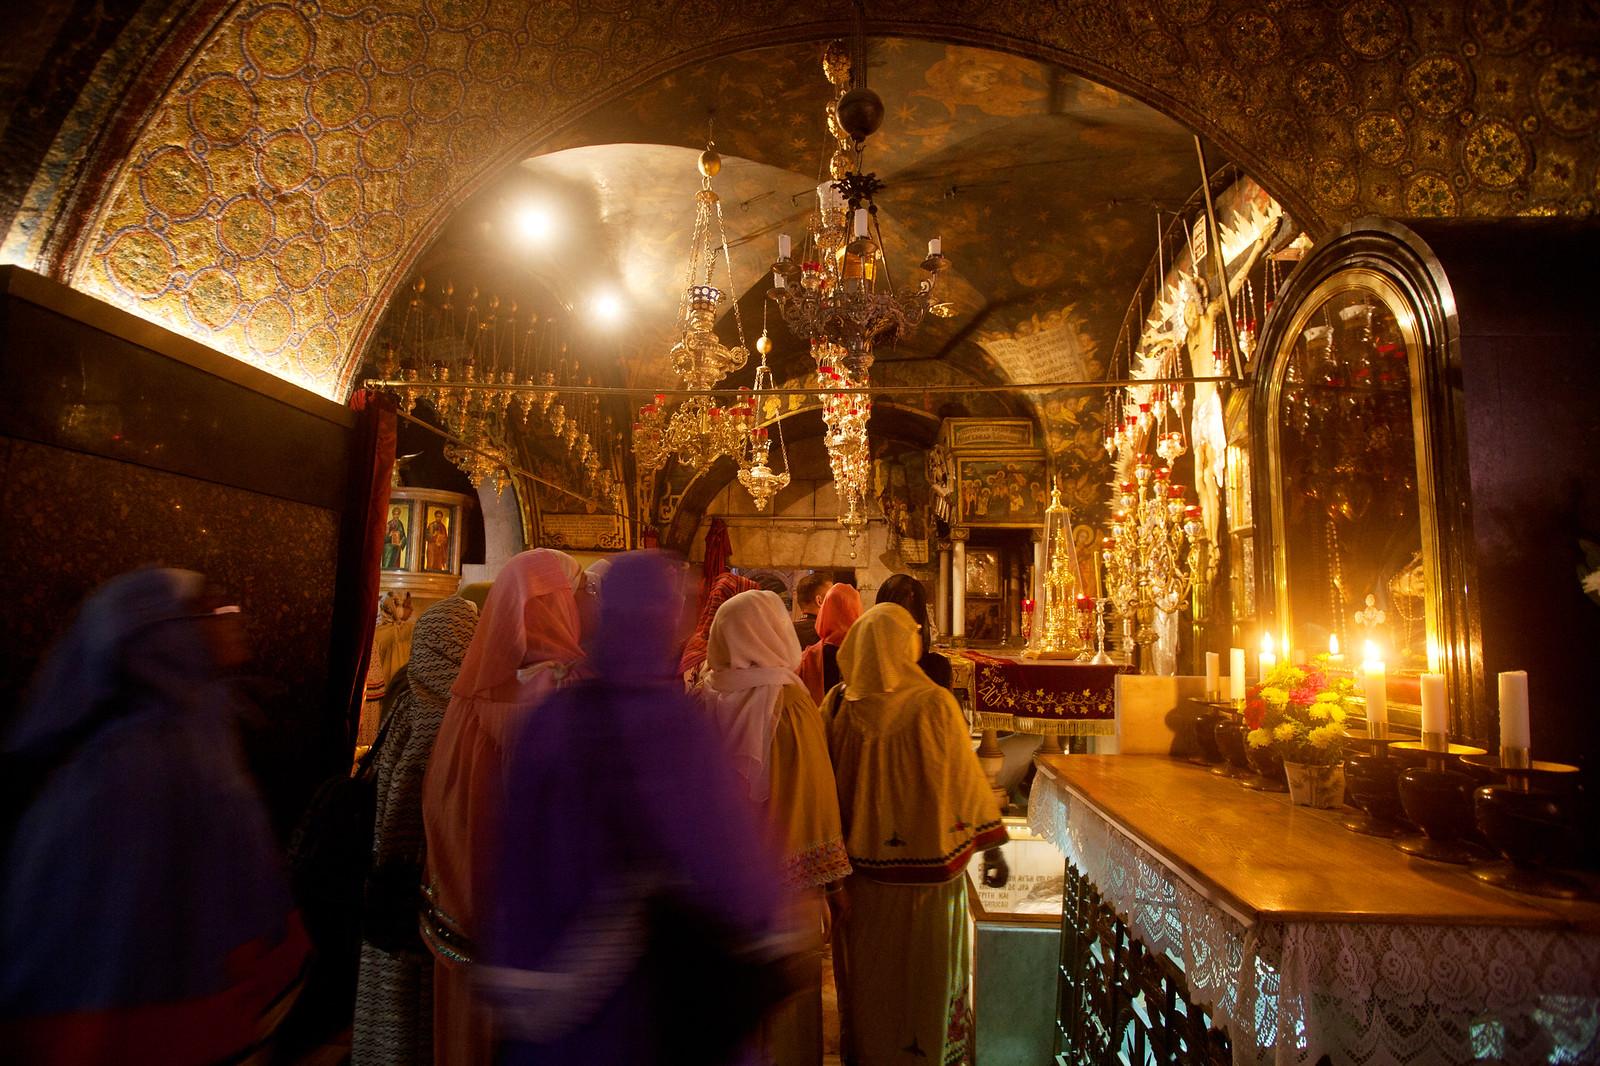 Jerusalem_Holy Sepulcher_4_Noam Chen_IMOT